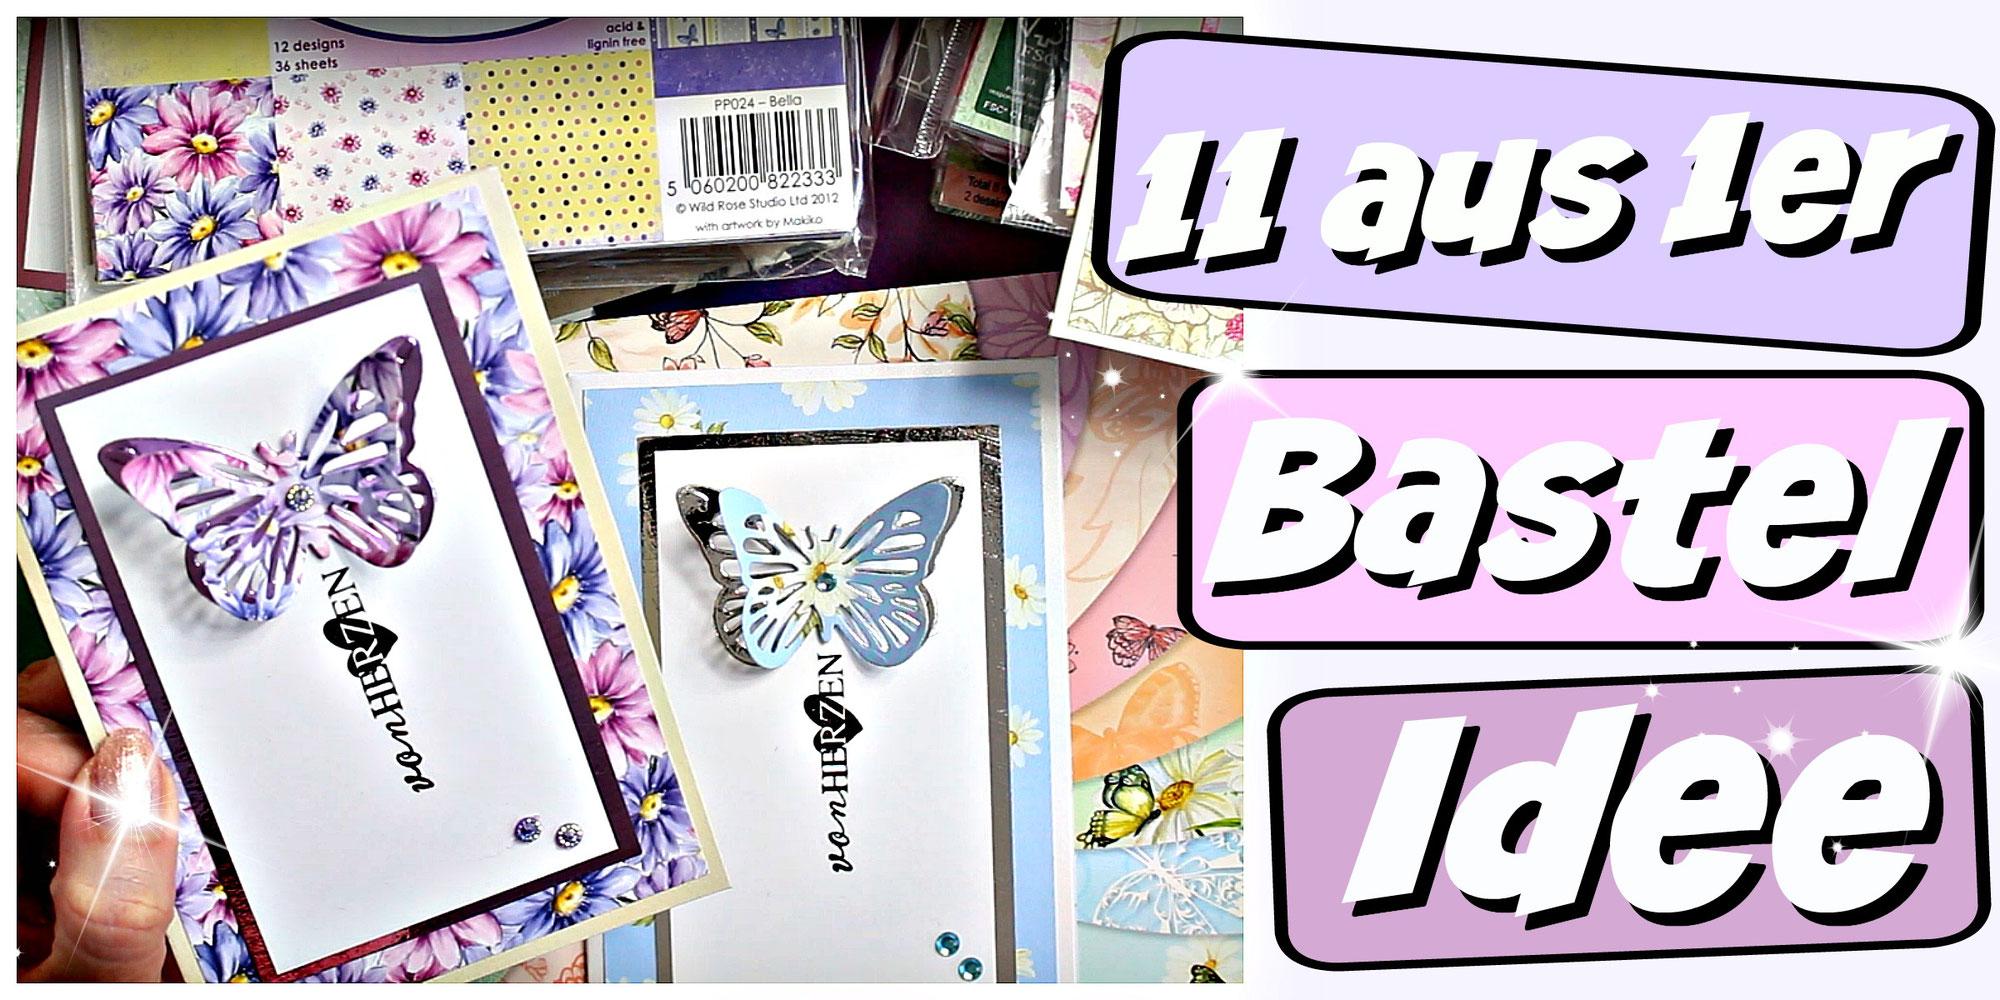 9999 Bastelideen - Nr. 1 - Muttertagskarte basteln - Karten basteln